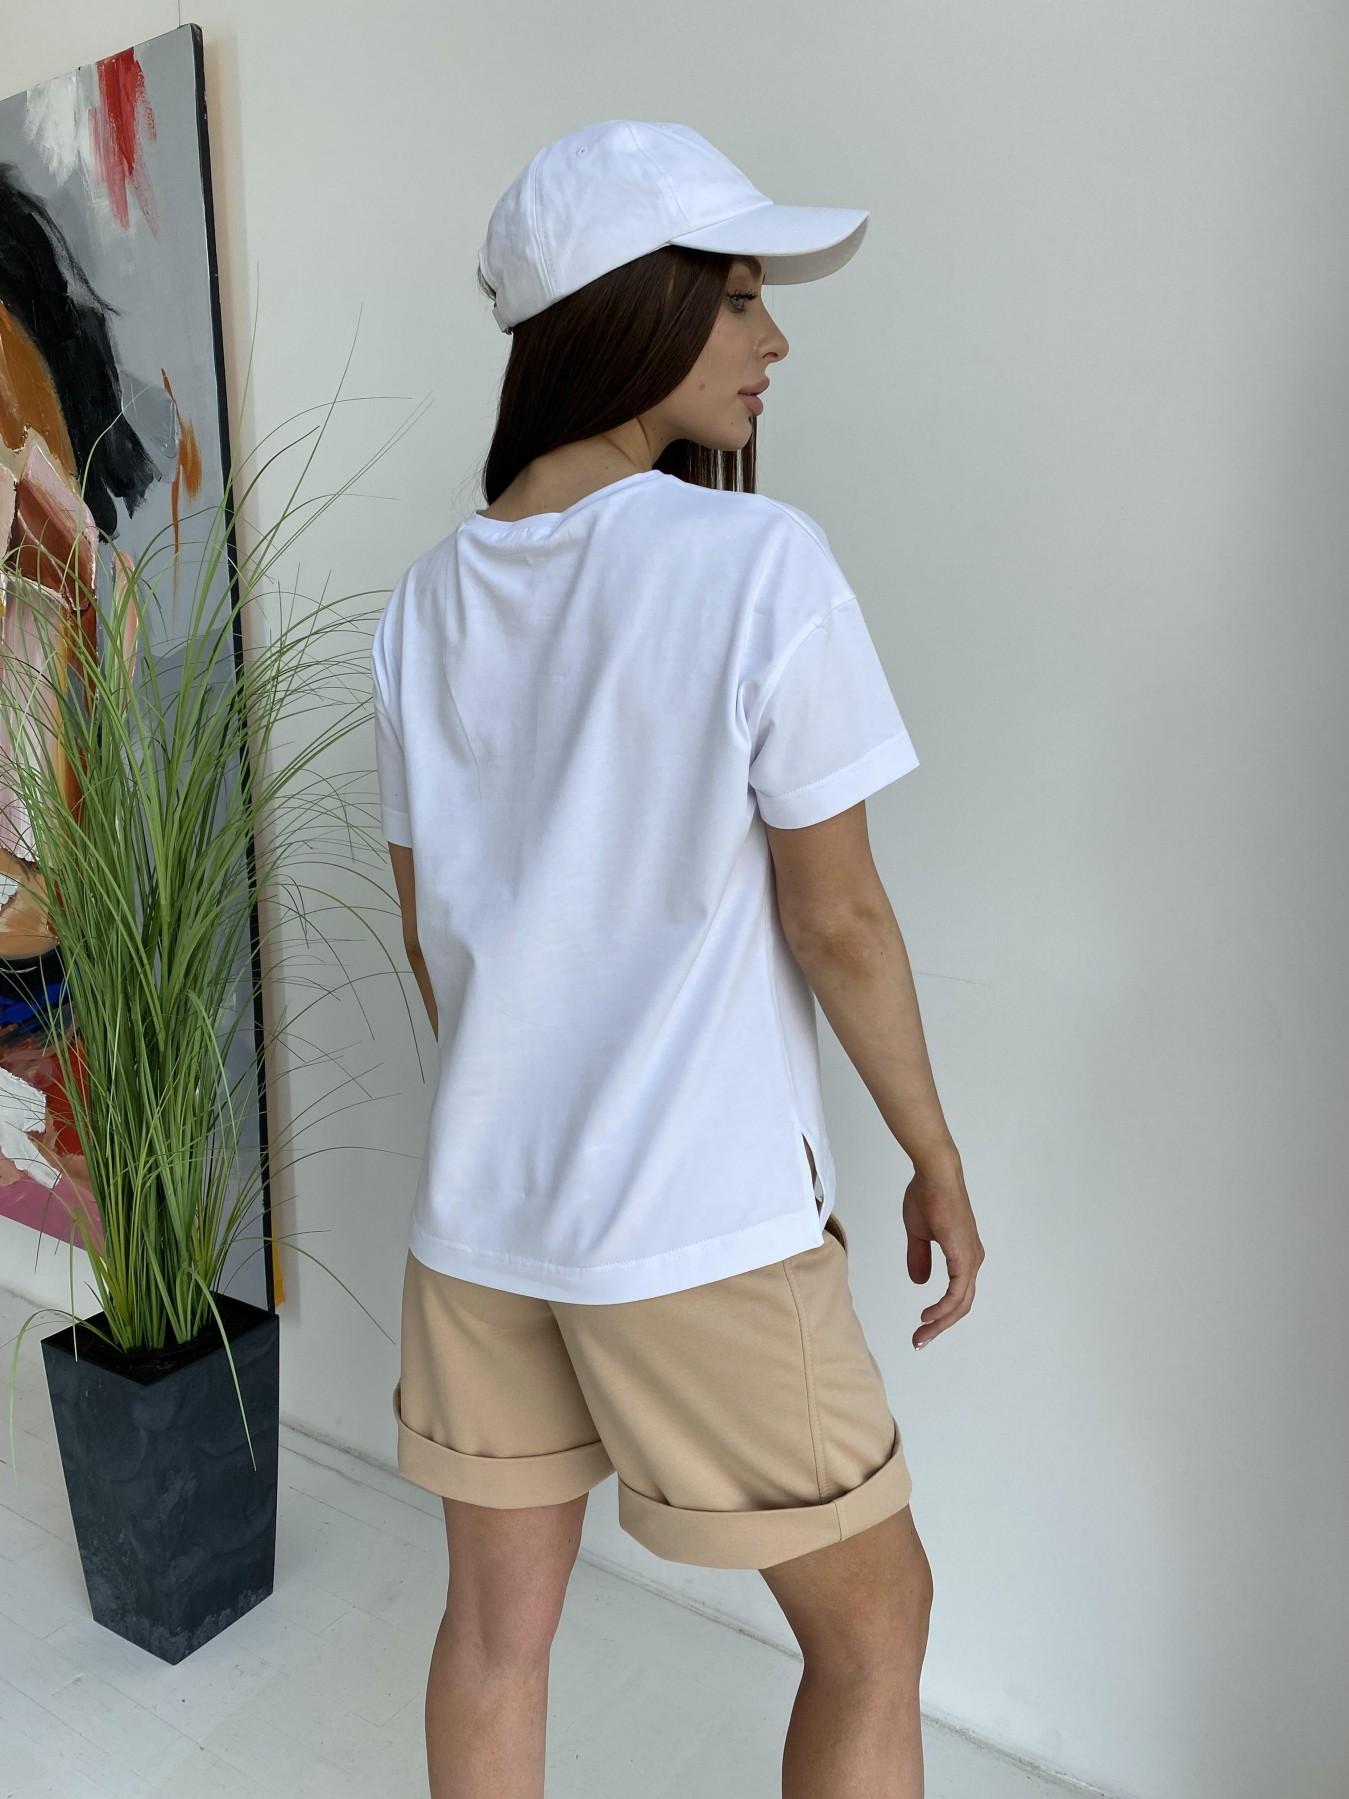 Фарт футболка из вискозы однотонная стрейч хлопок 11570 АРТ. 48285 Цвет: Белый - фото 5, интернет магазин tm-modus.ru